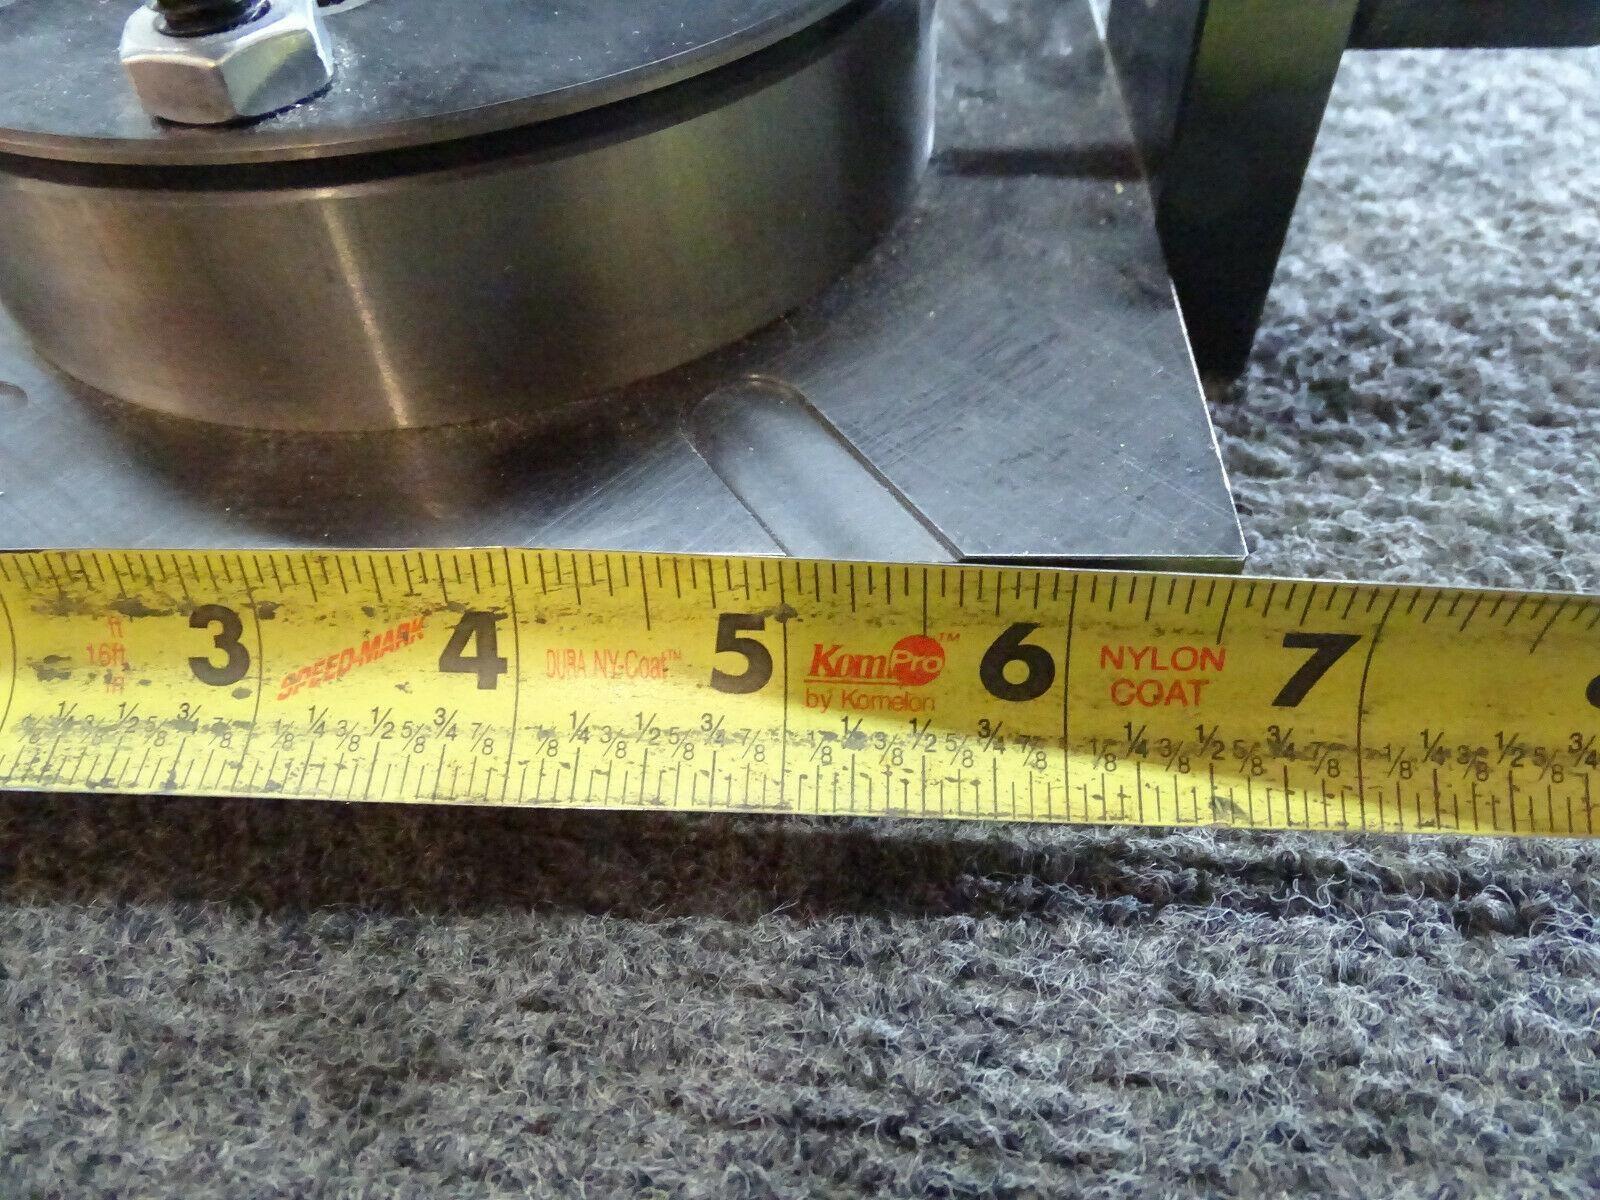 CNC Aircraft Parts Machine Shop Inspection Tool 502515-INGA-1